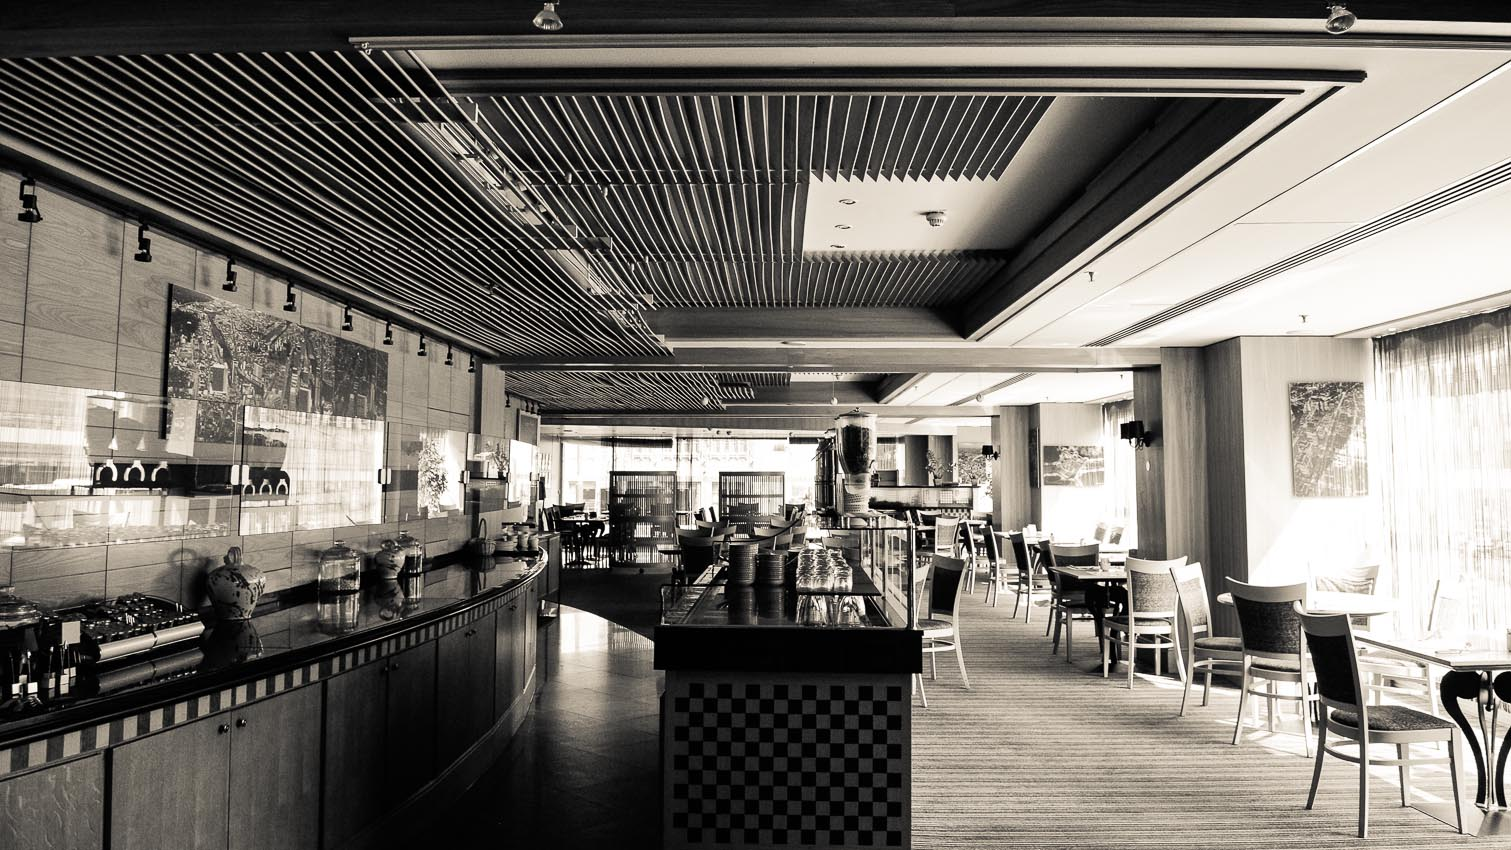 32-cafe-bar-resto-nightclub-decors-film-cinema-photo-belgium-bruxelles